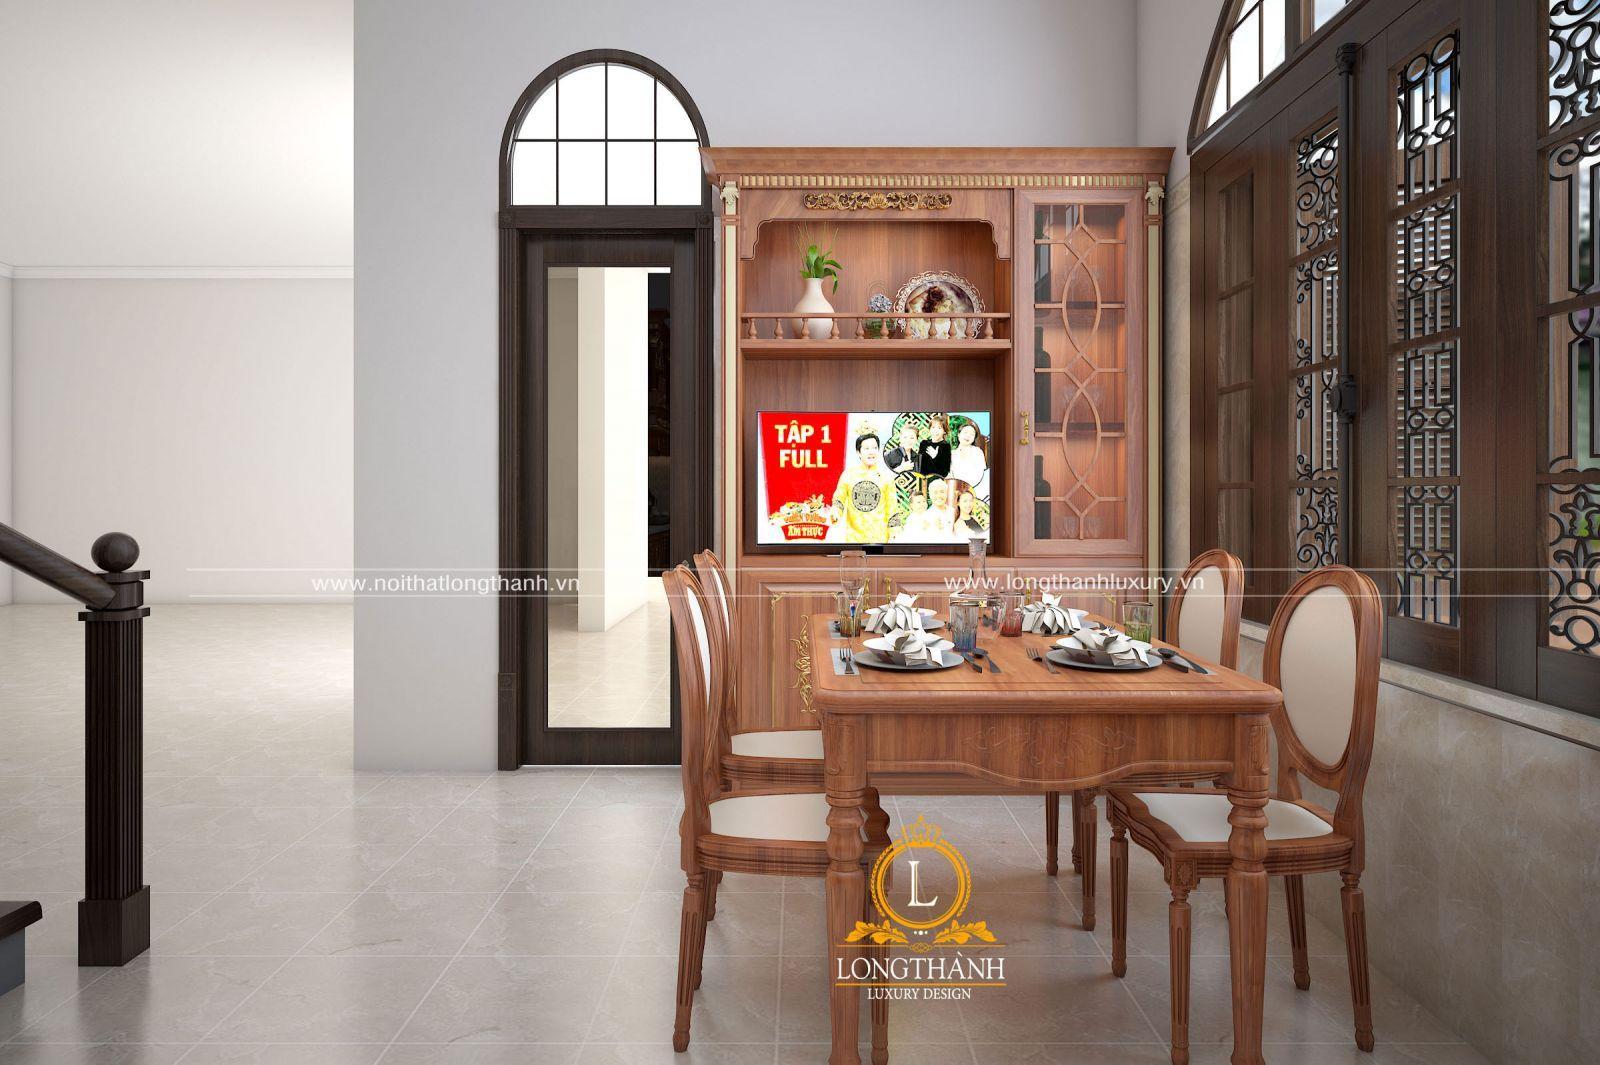 Thiết kế bàn ghế ăn 4 ghế đơn giản